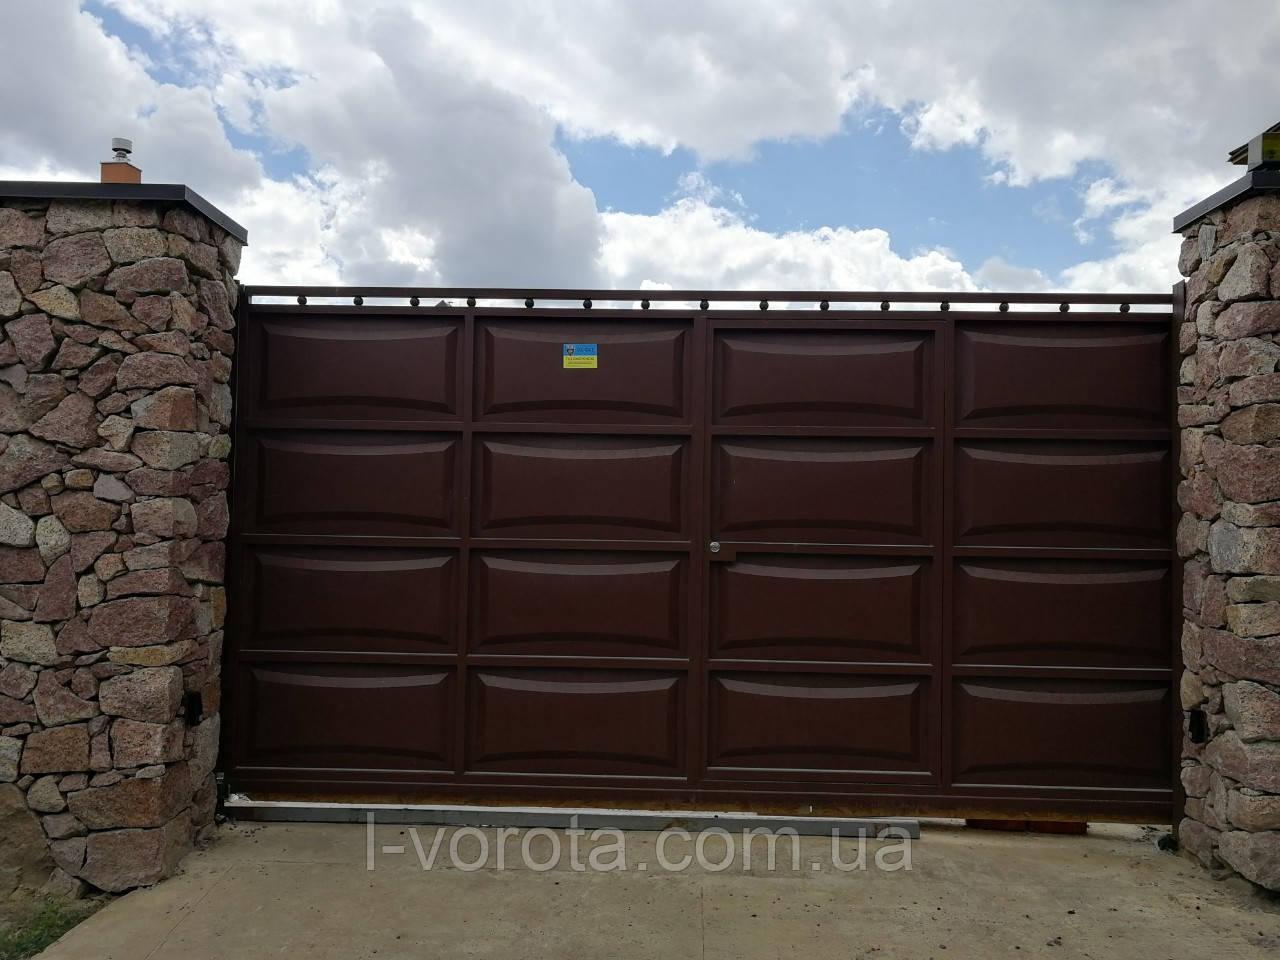 Ворота сдвижные ш4000, в2000 (дизайн филенка, шоколадка - линза)